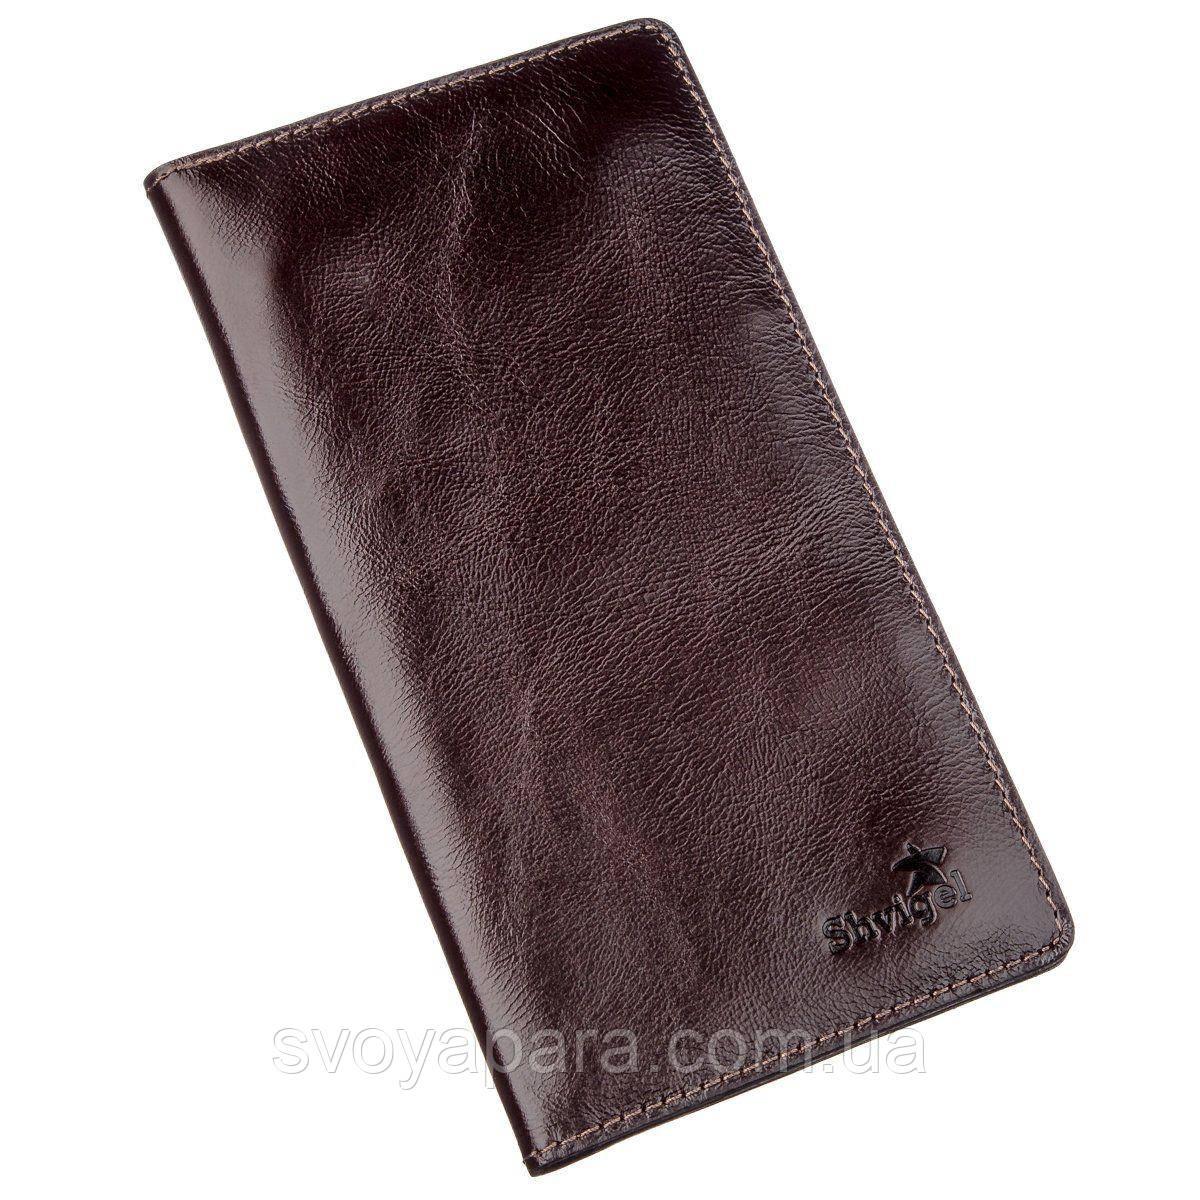 Бумажник мужской вертикальный на двух кнопках SHVIGEL 16193 Коричневый